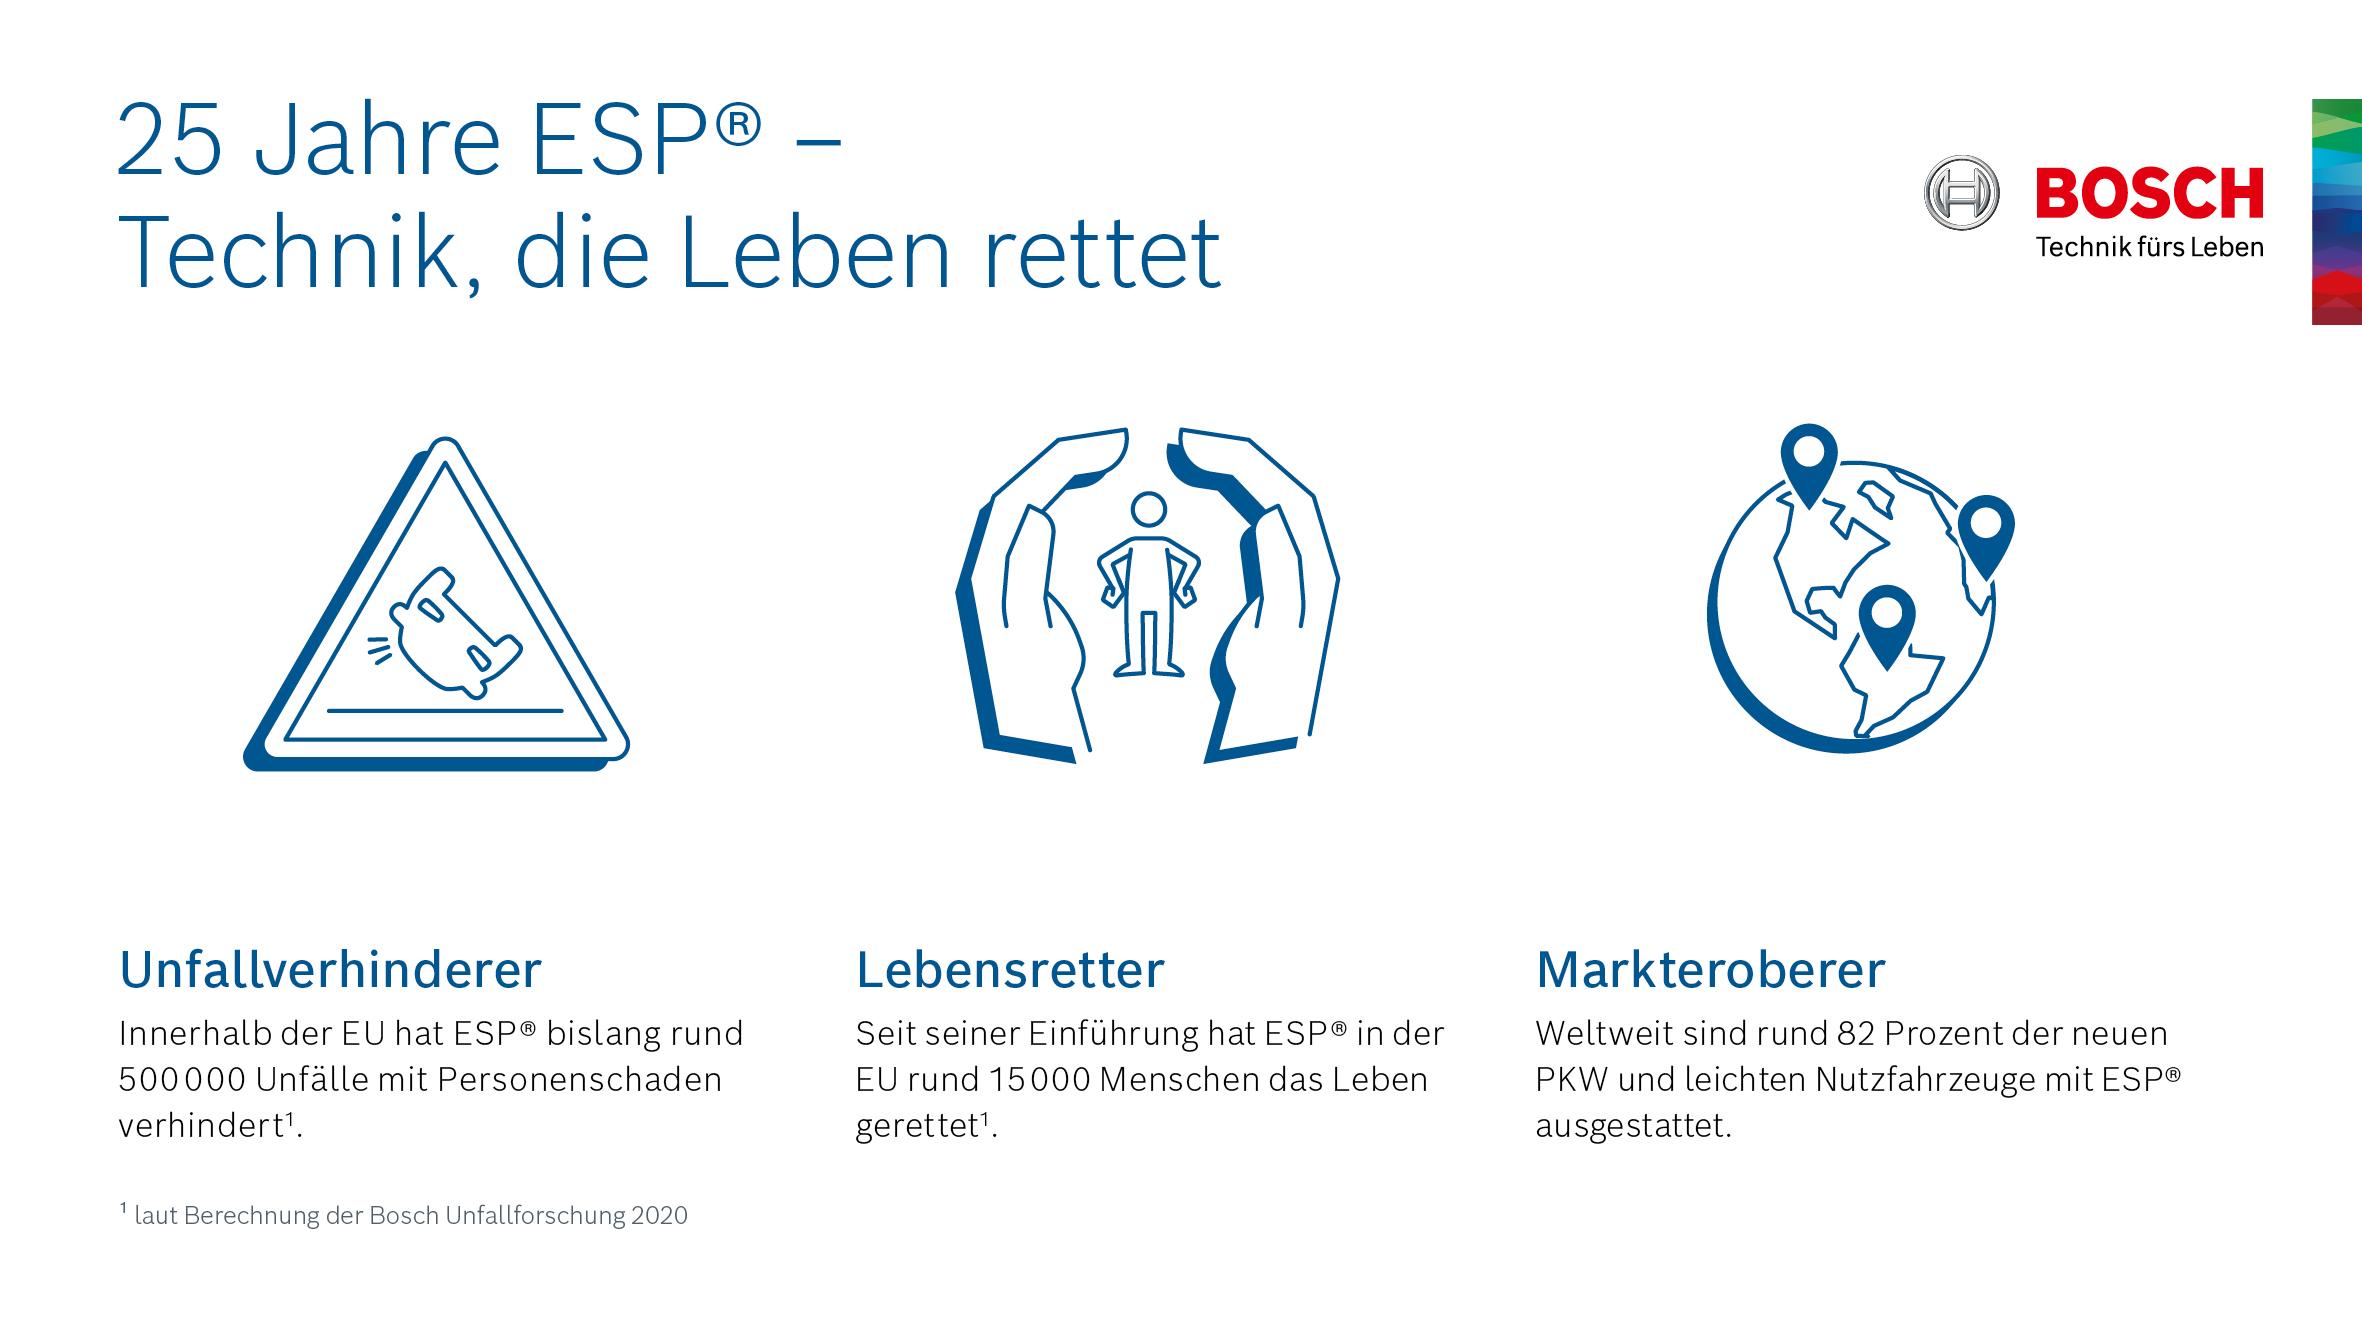 25 Jahre ESP® von Bosch